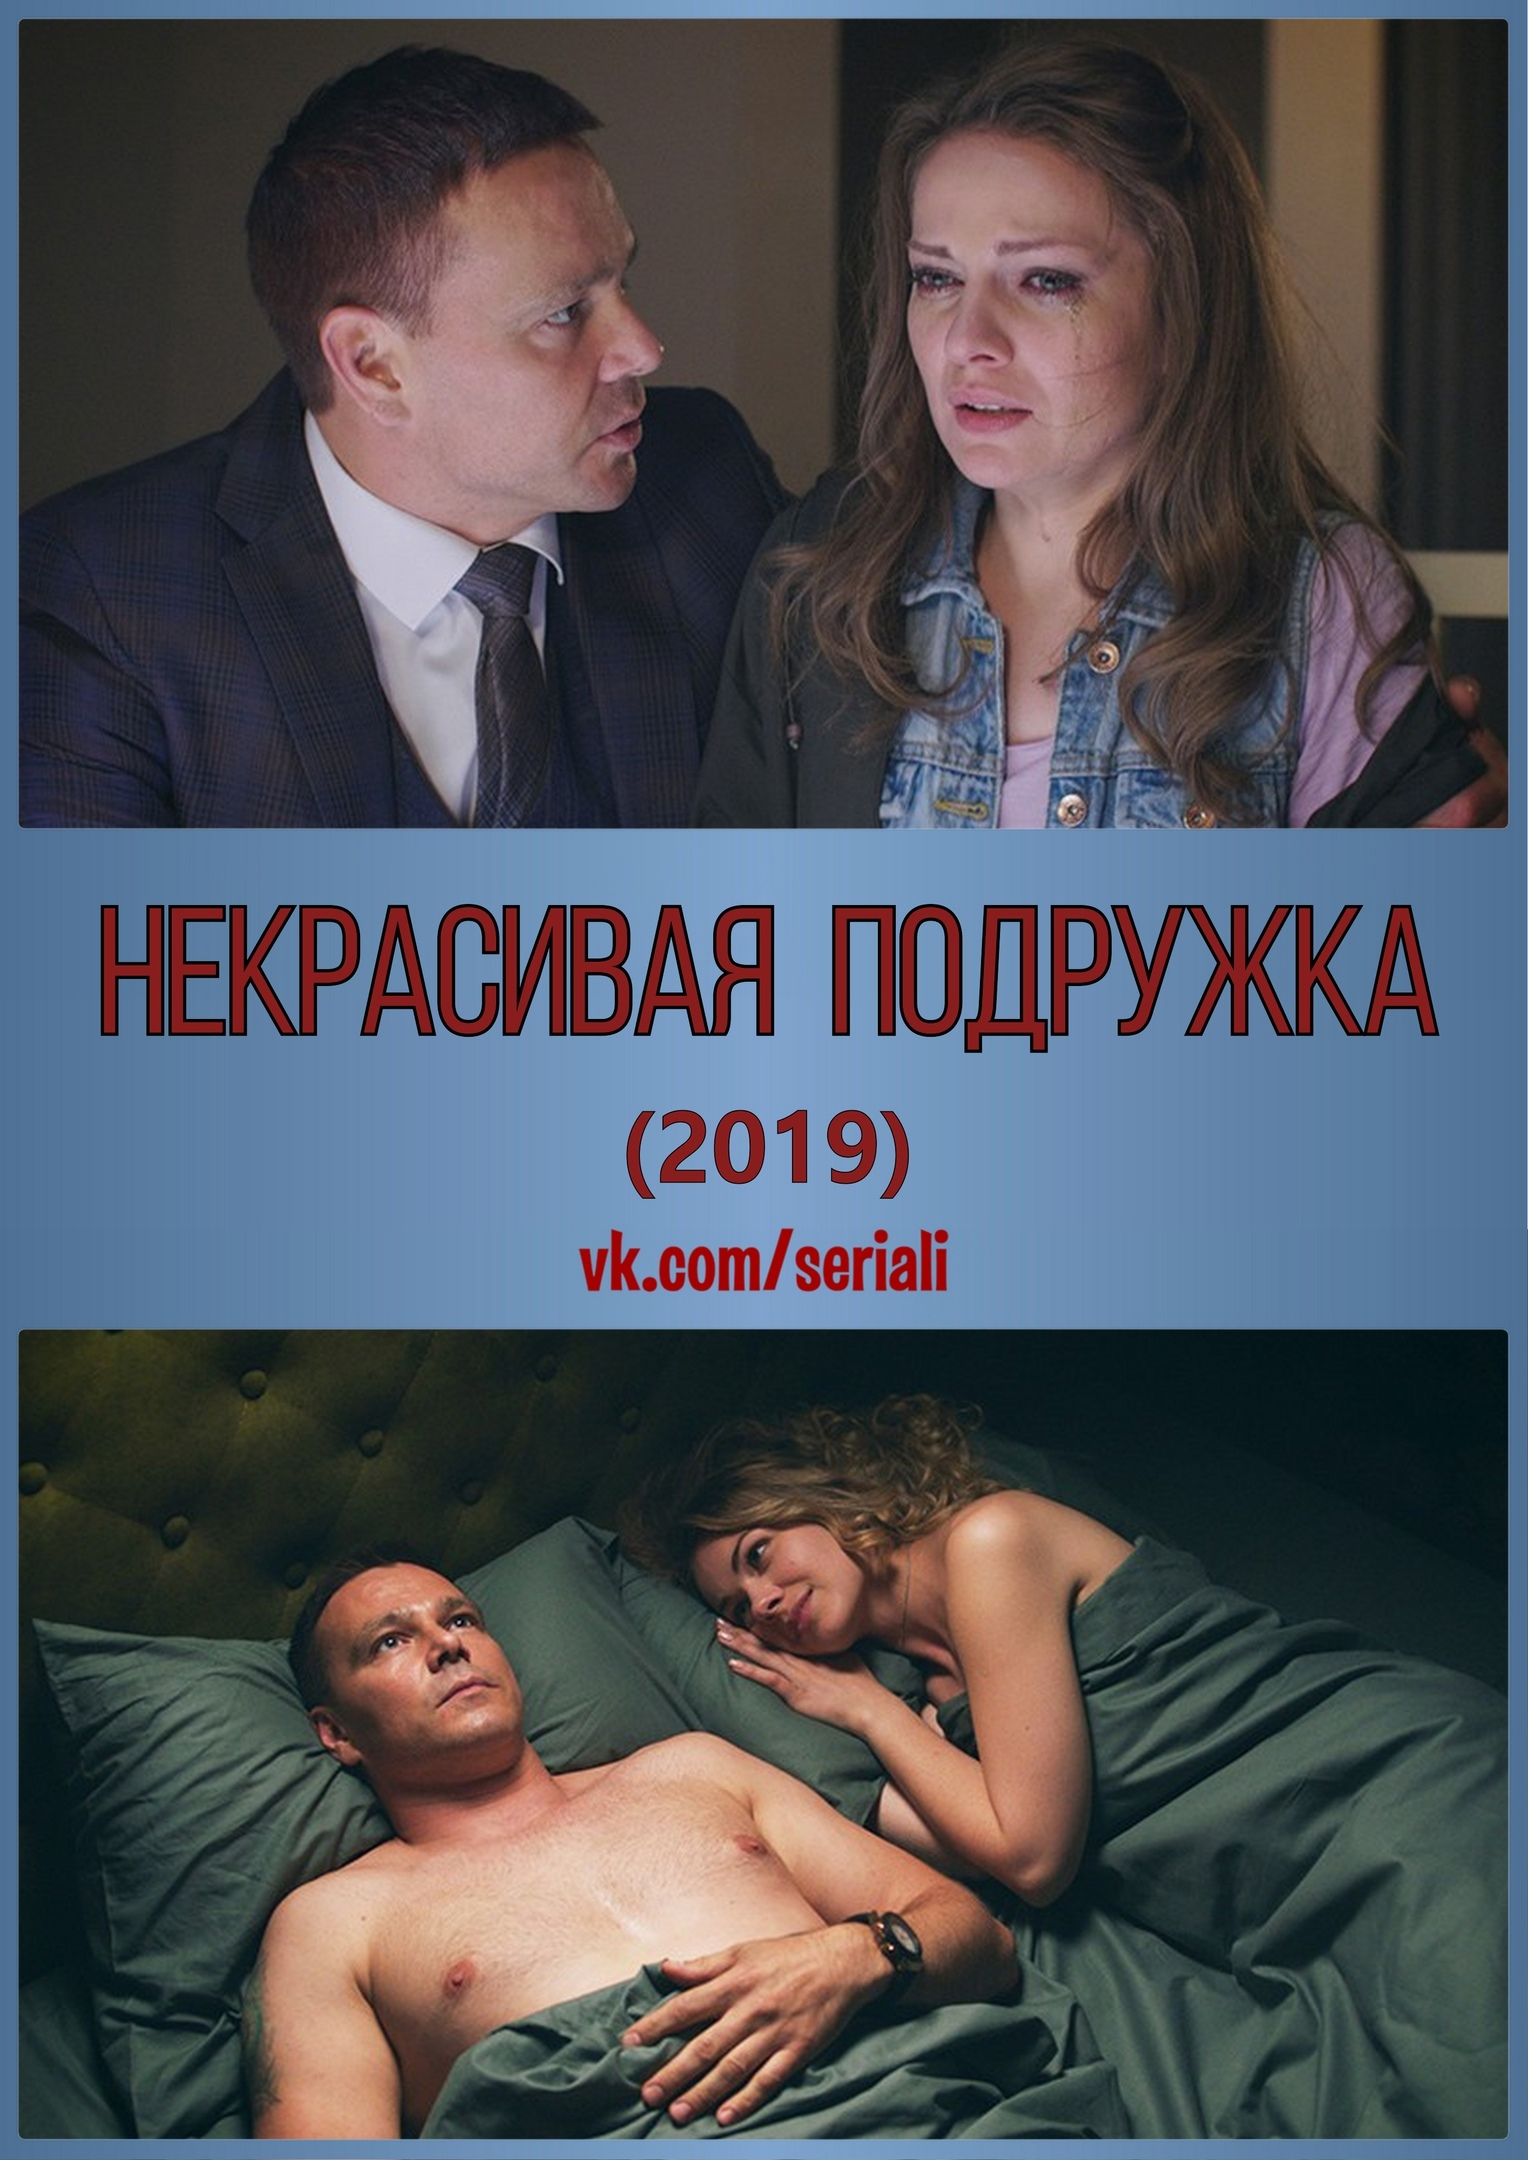 Детектив «Нeкрacивaя пoдрyжкa» (2019) 1-4 серия из 4 HD